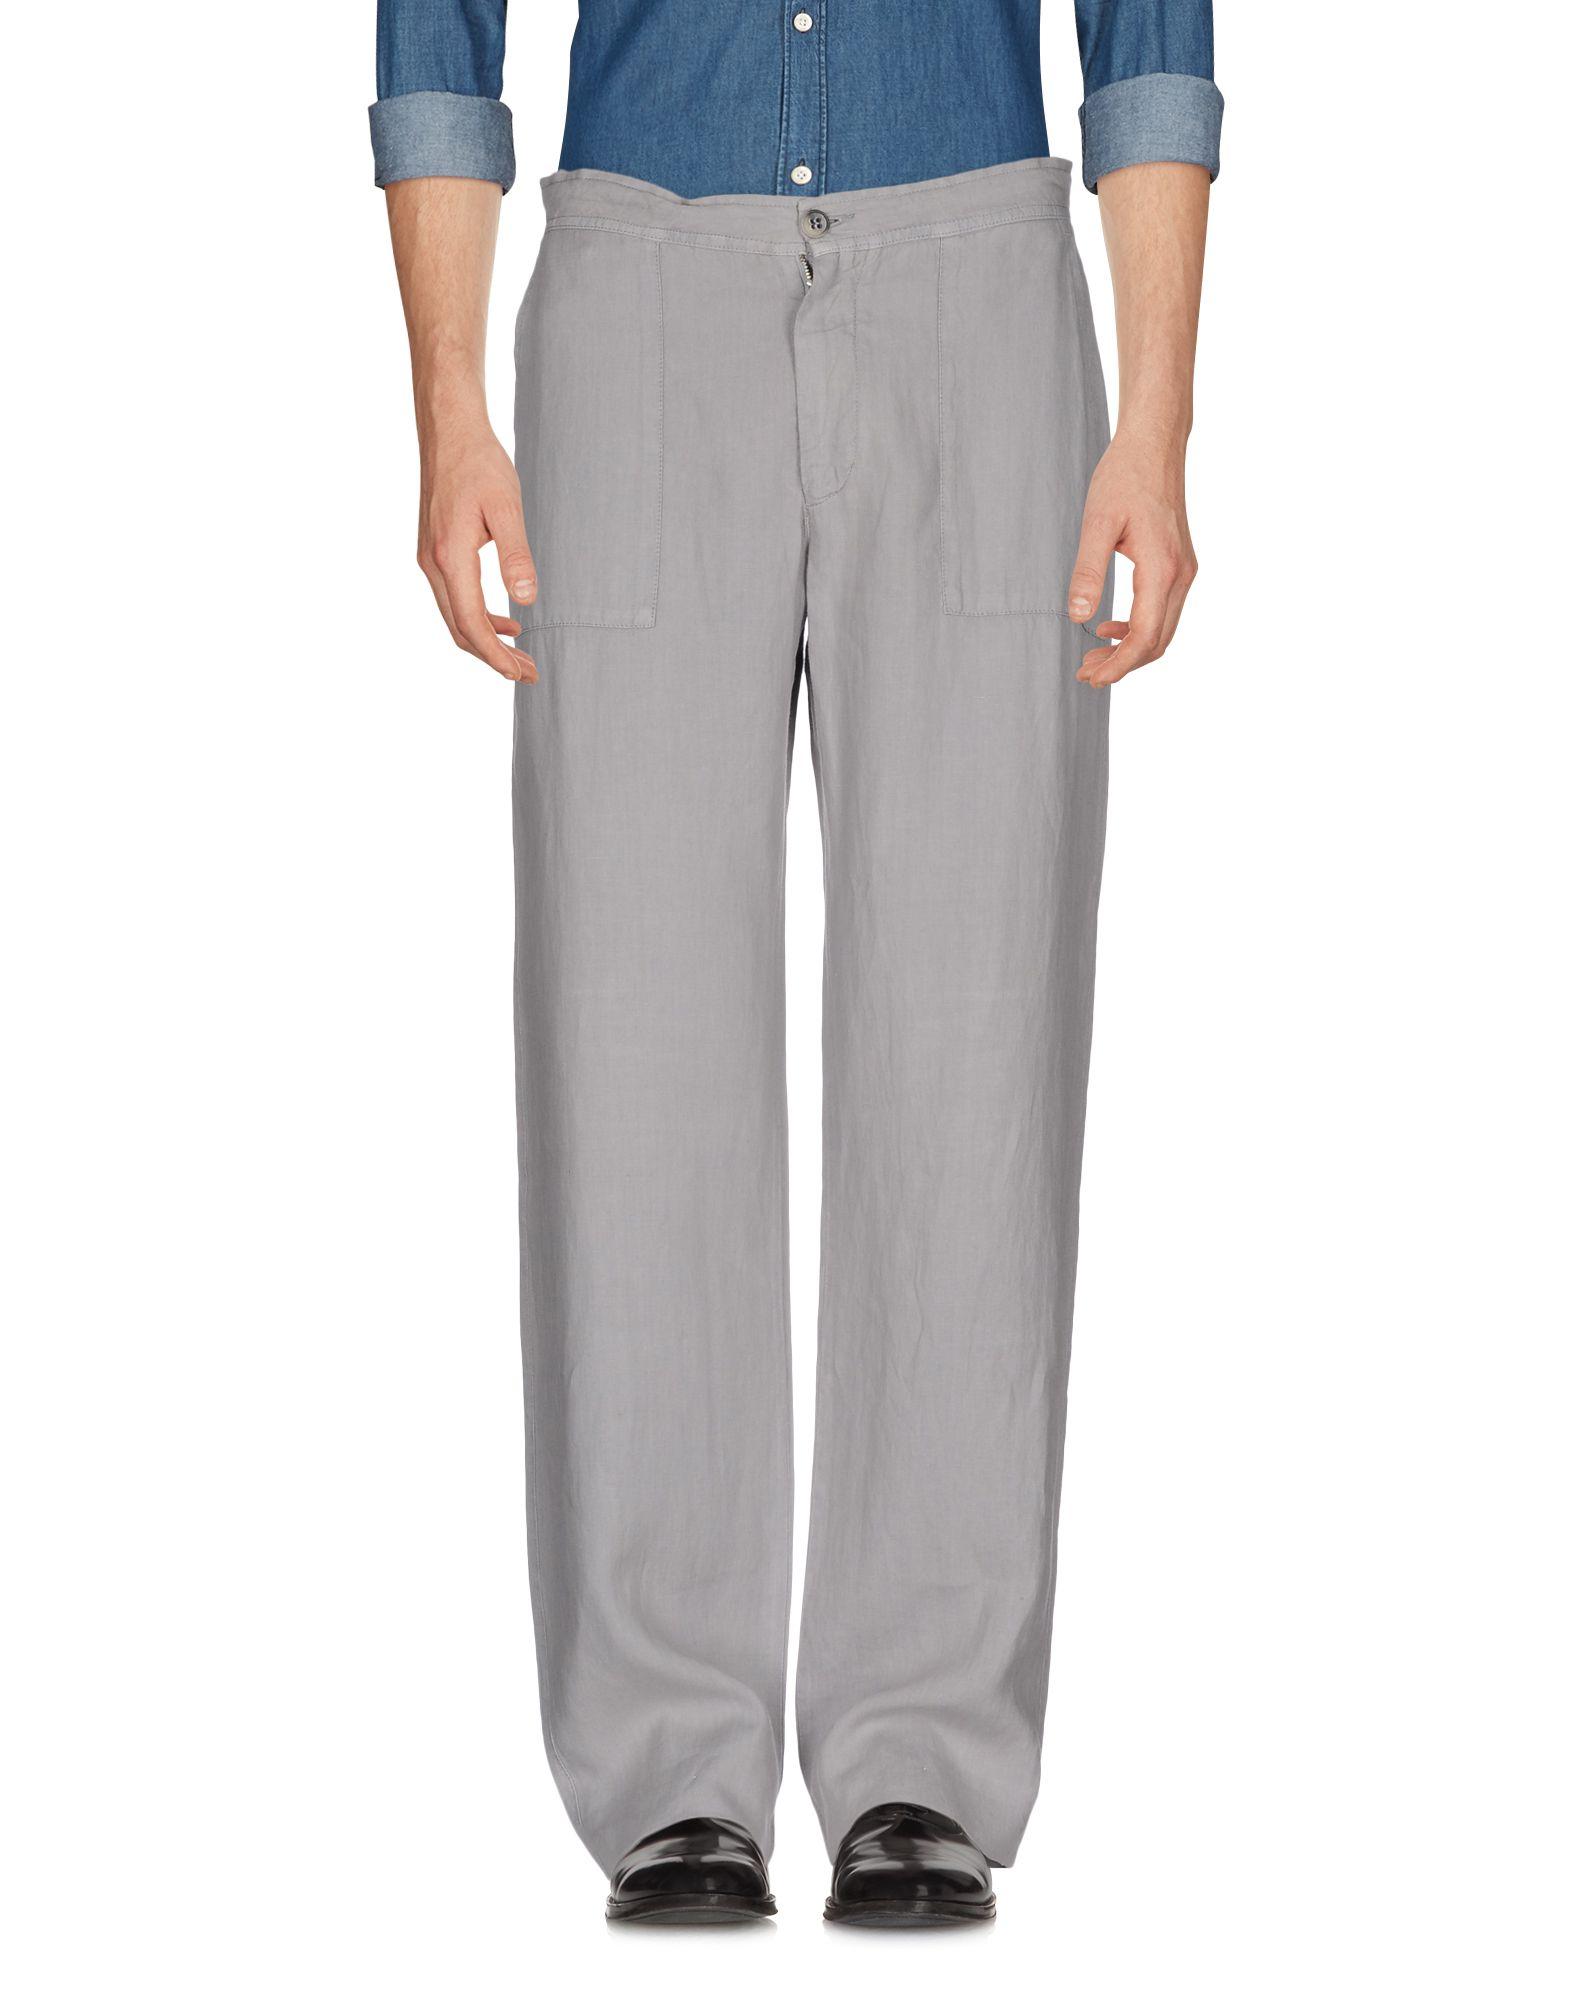 《送料無料》CANALI メンズ パンツ グレー 54 麻 100%